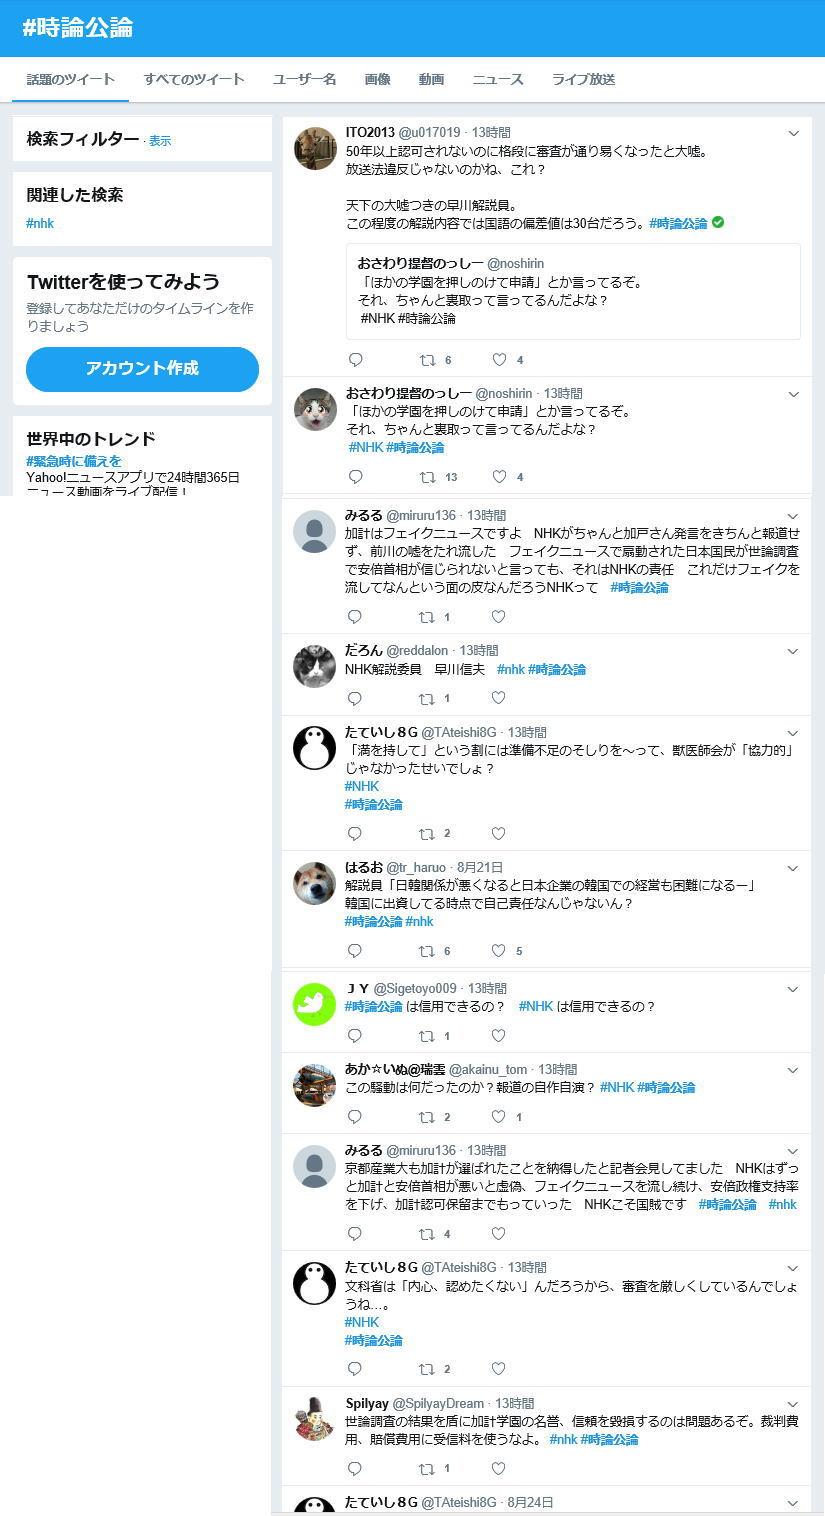 Kake55_twitter_jijikouron